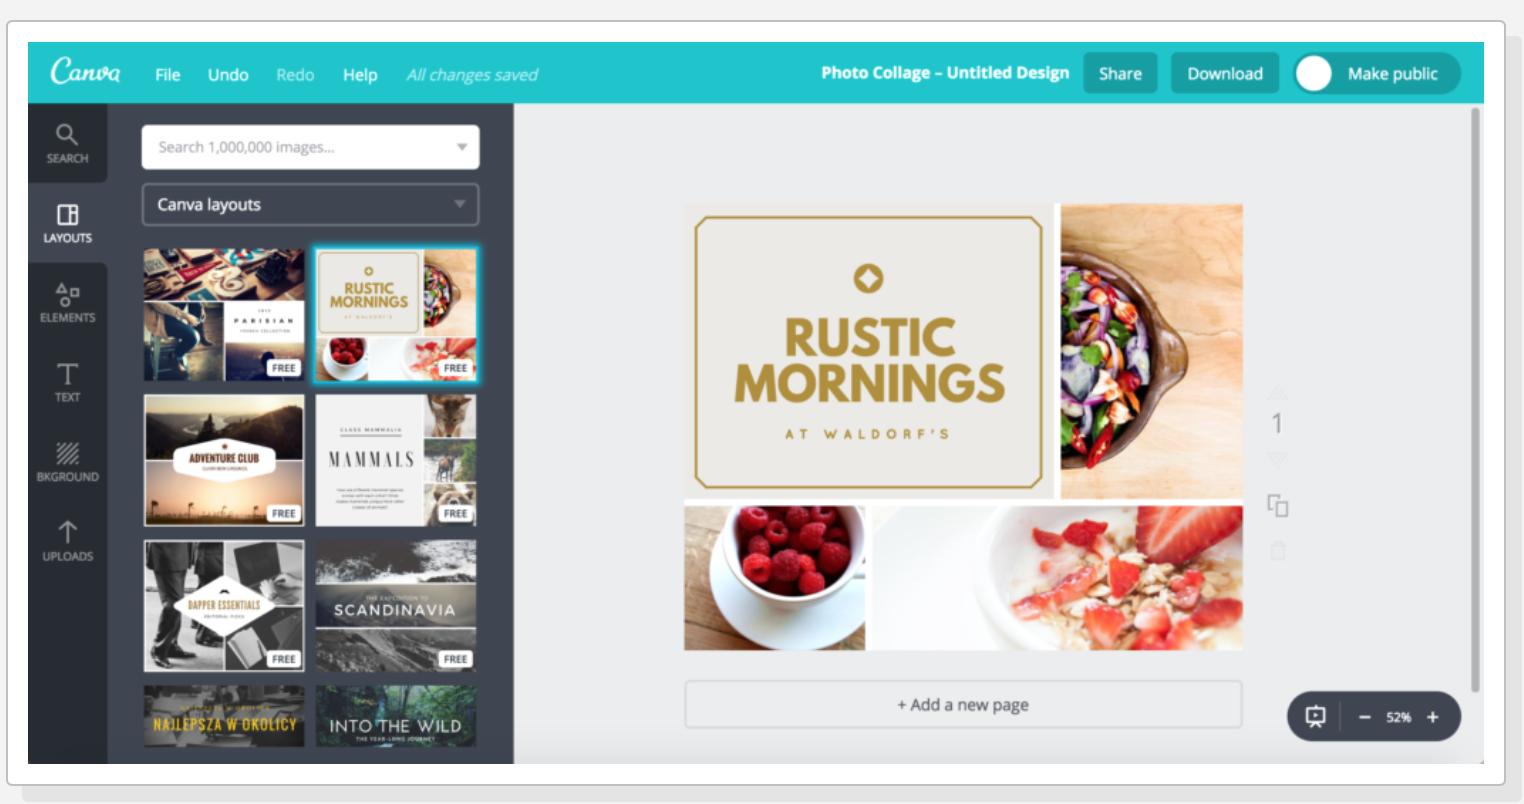 27 бесплатных сервисов для создания визуального контента без дизайнера - 3